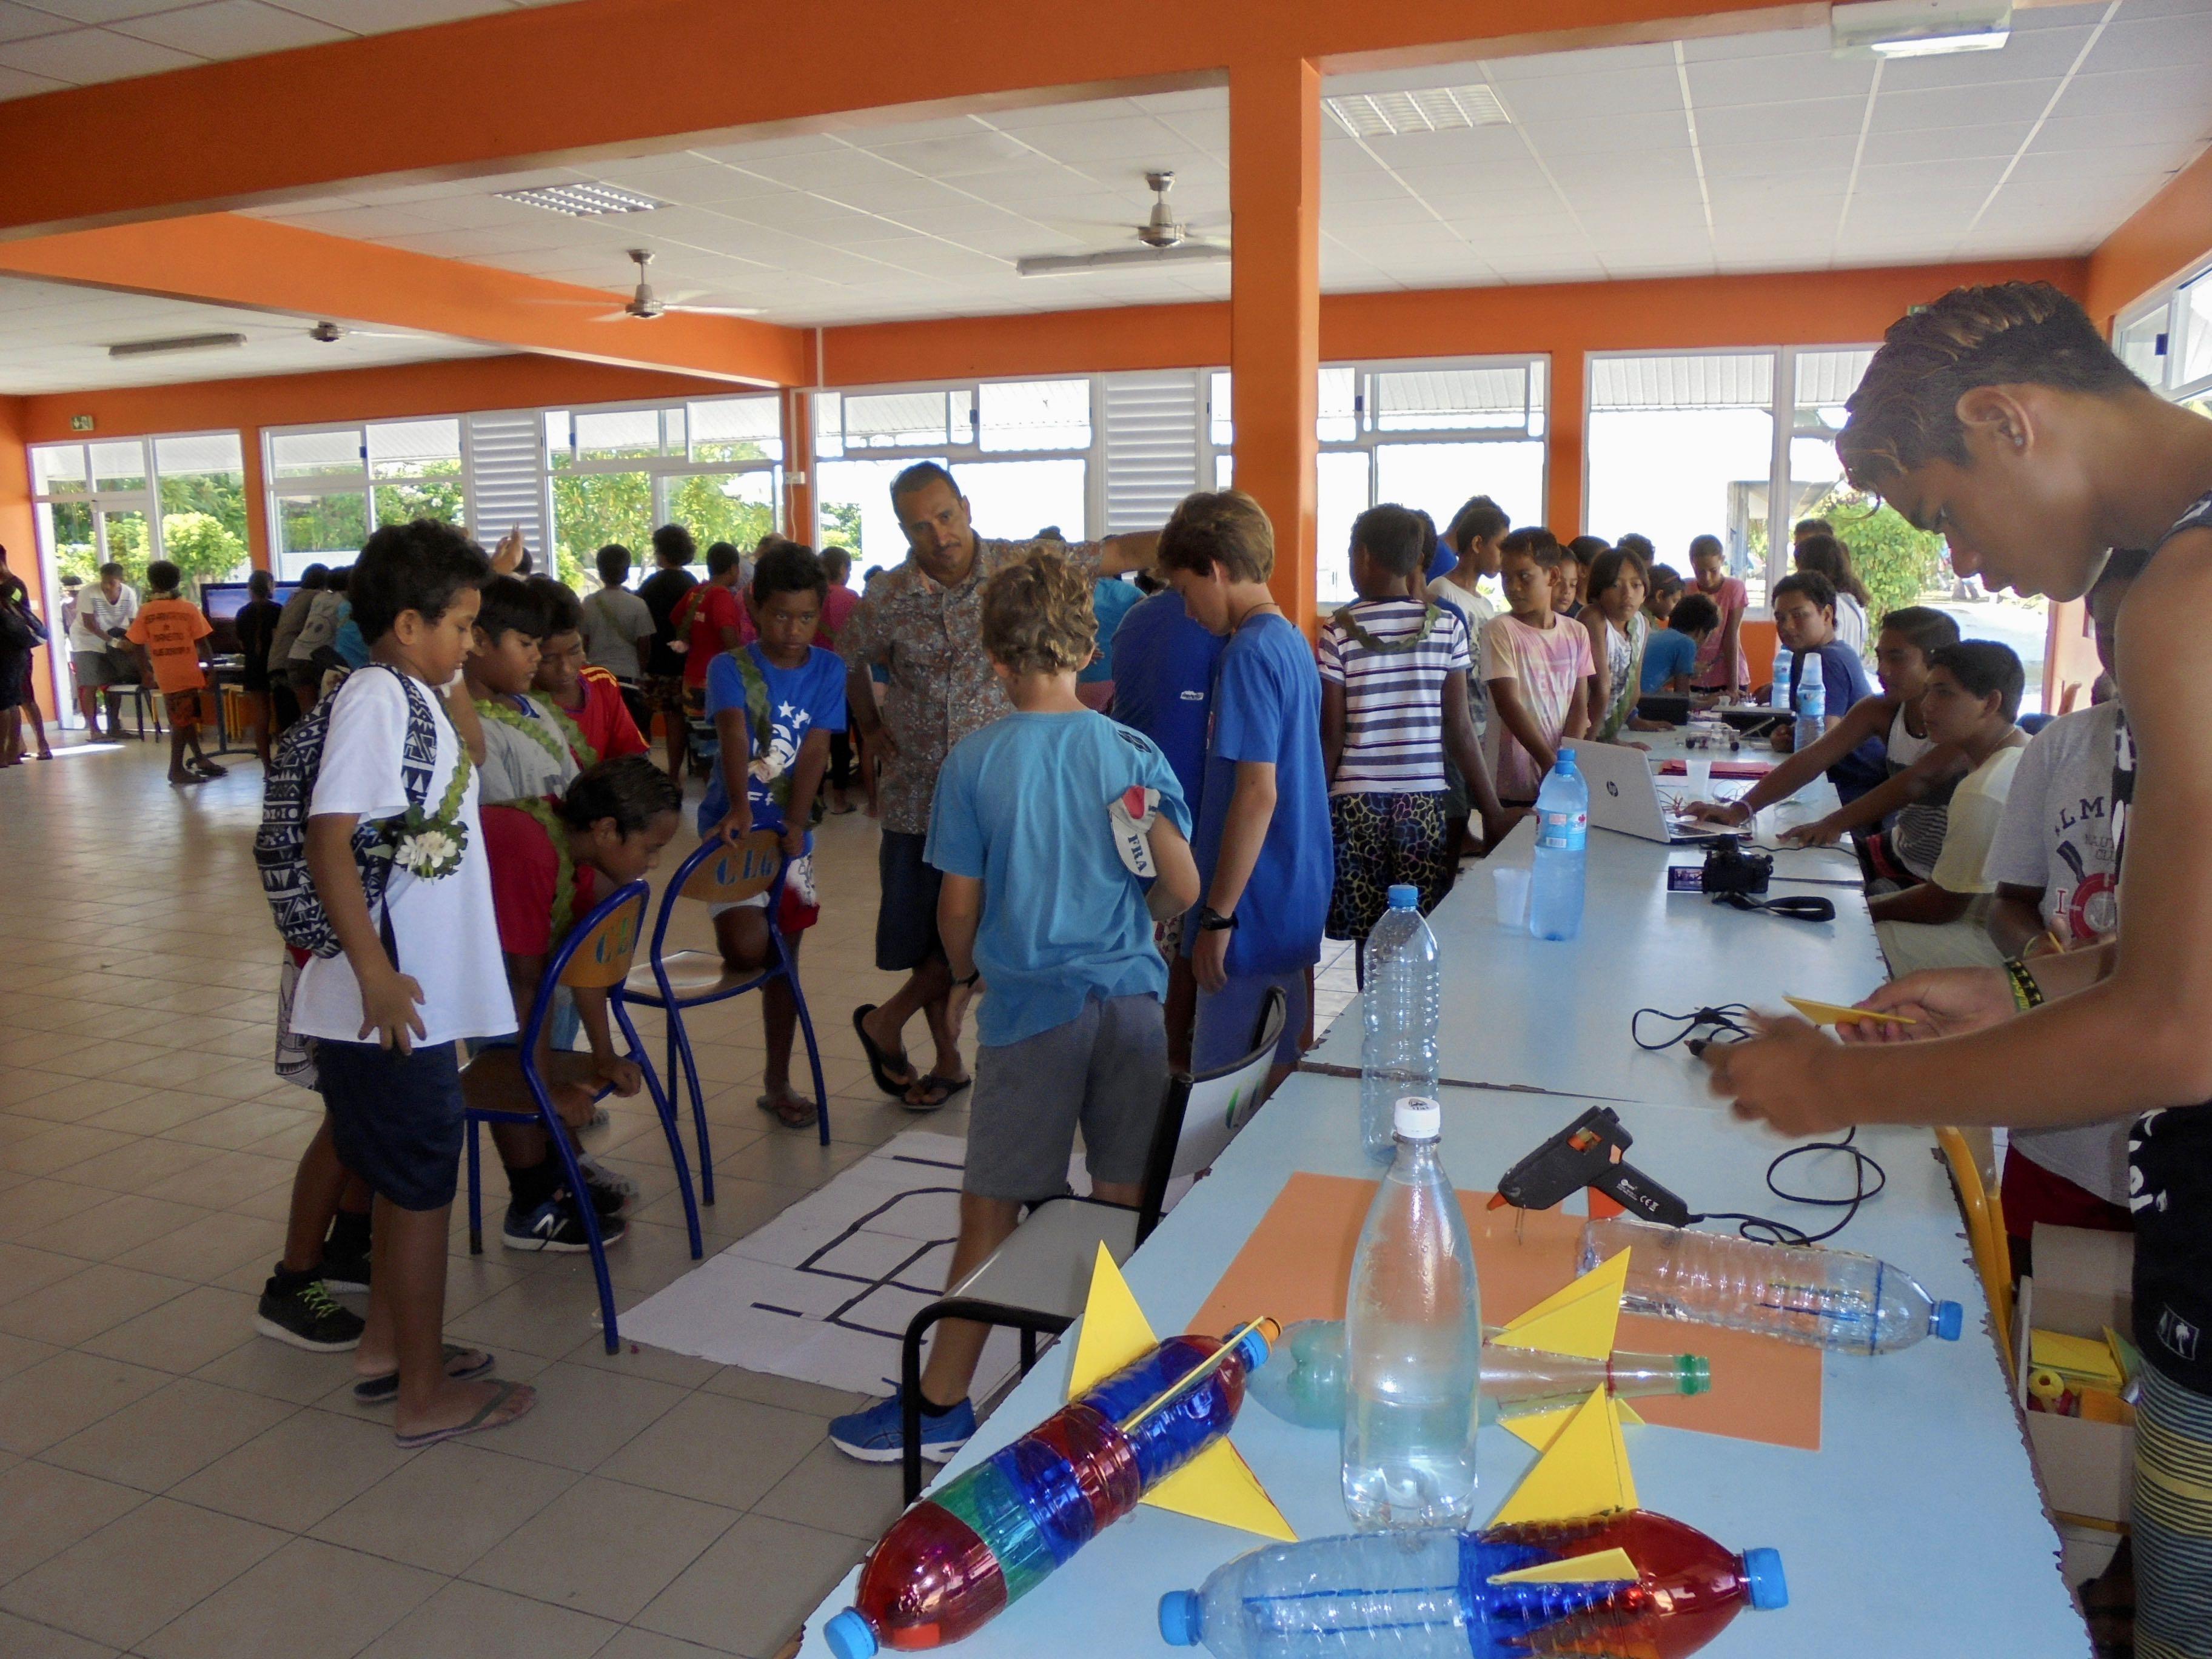 La fête de la science au collège de Makemo s'est tenue le 14 mars dernier.